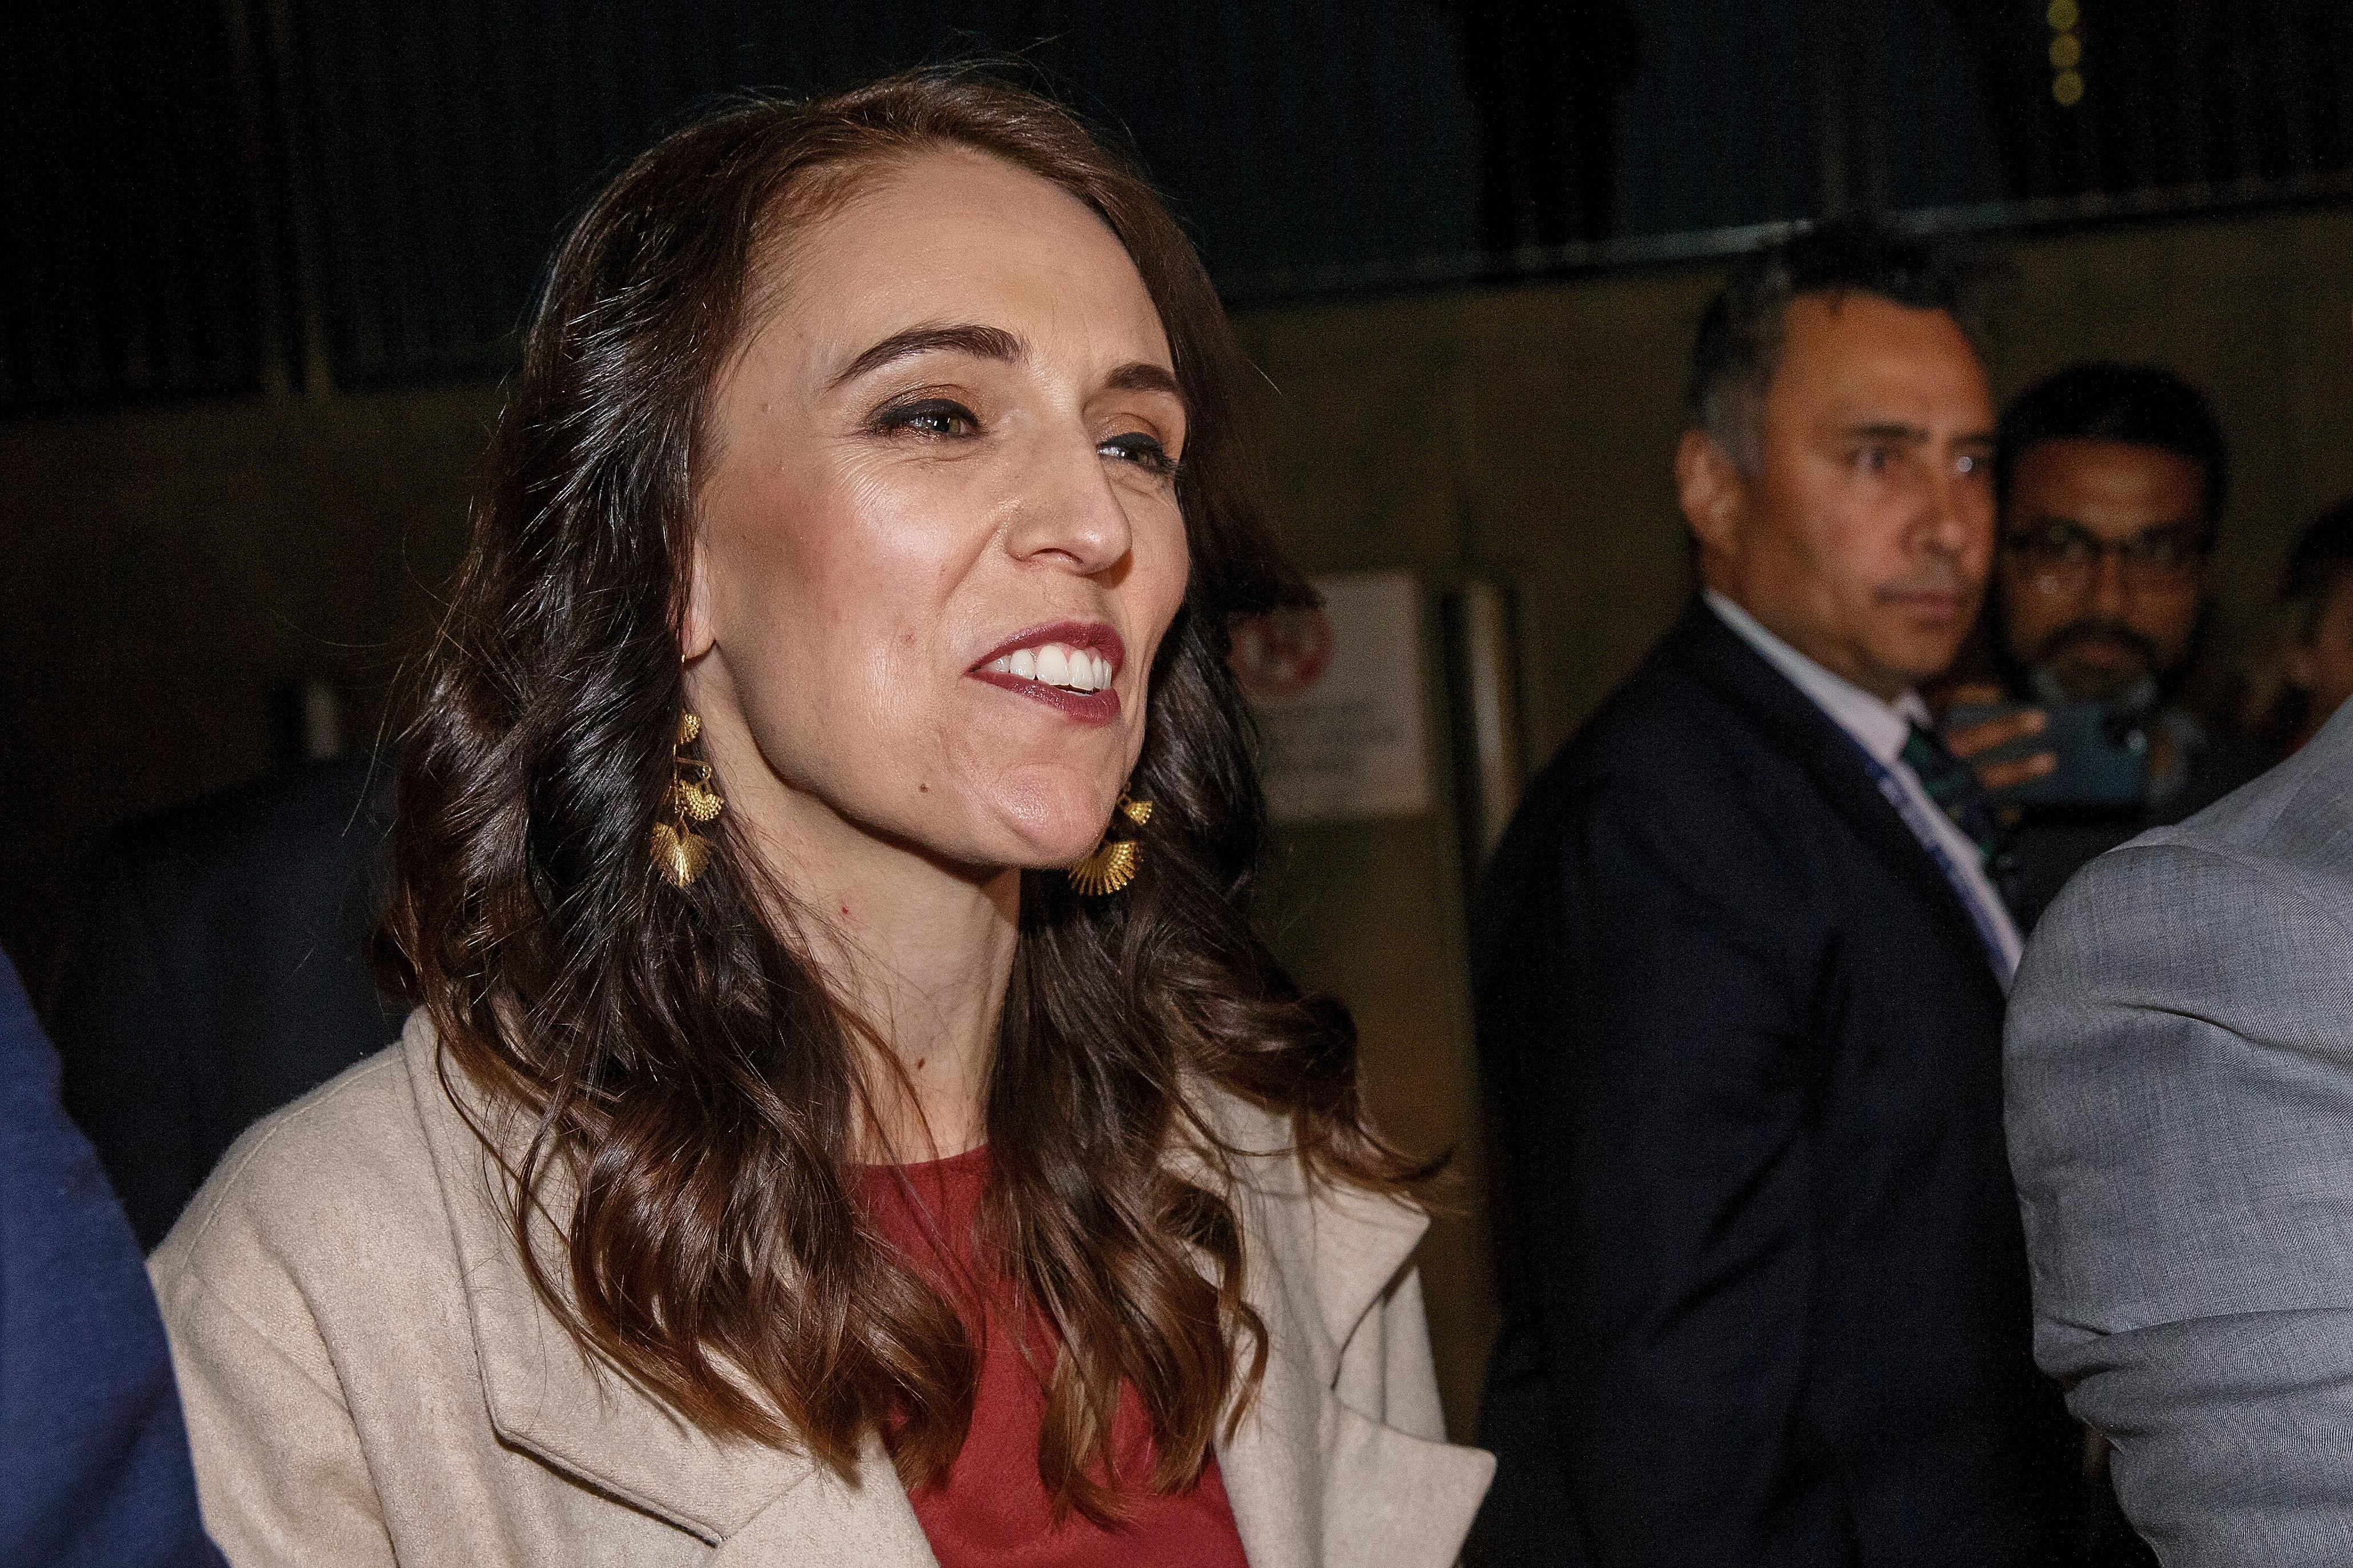 寻求连任的阿德恩处理武汉肺炎疫情的手法受到赞扬,她周六晚到工党总部观看开票结果时神情轻松。-路透社-